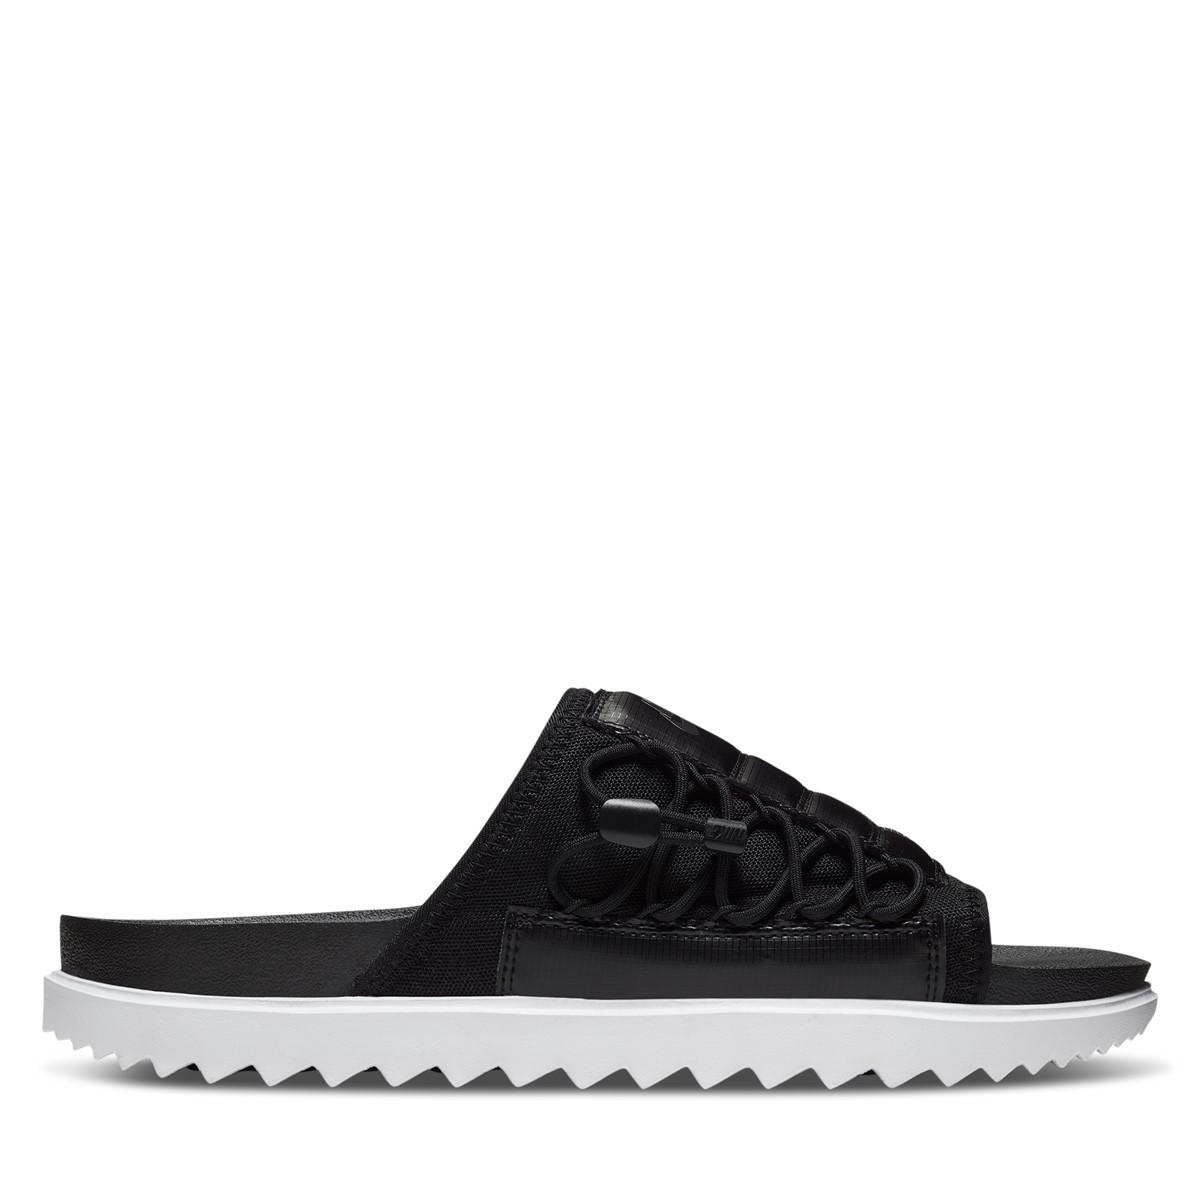 Sandales Asuna noir et blanc pour hommes